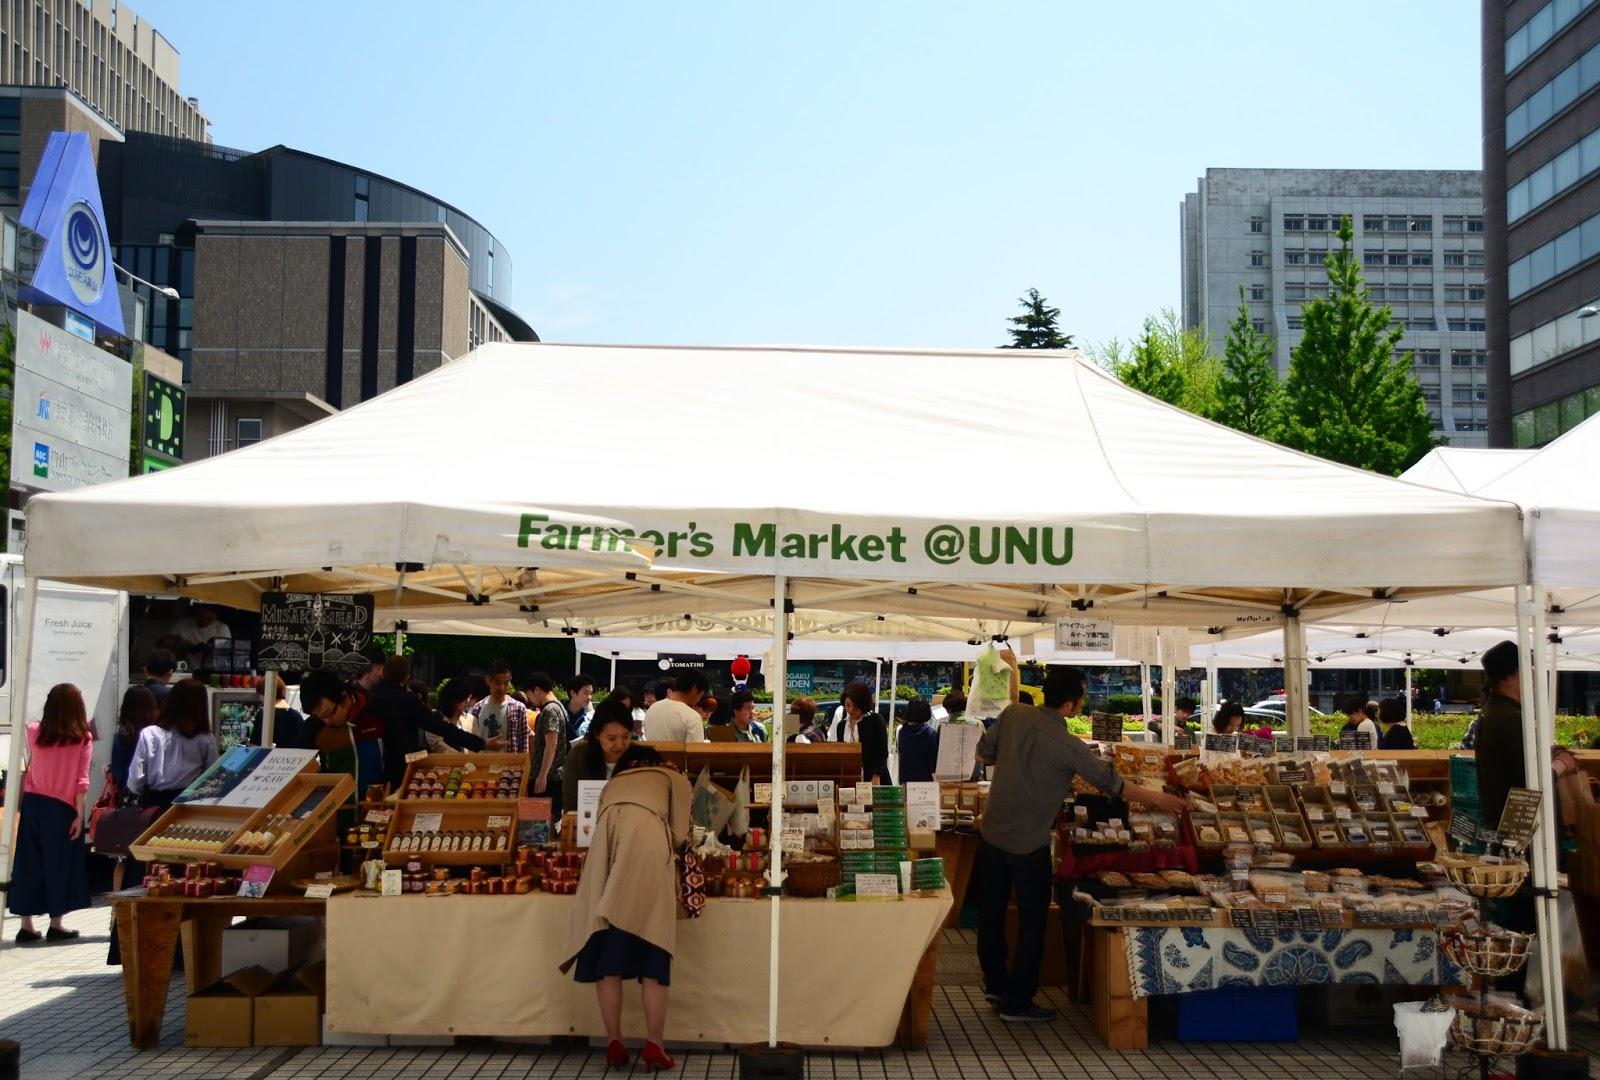 [日本/東京] 週末農夫市集 文青系Market - 旅行主義 / 簡單生活